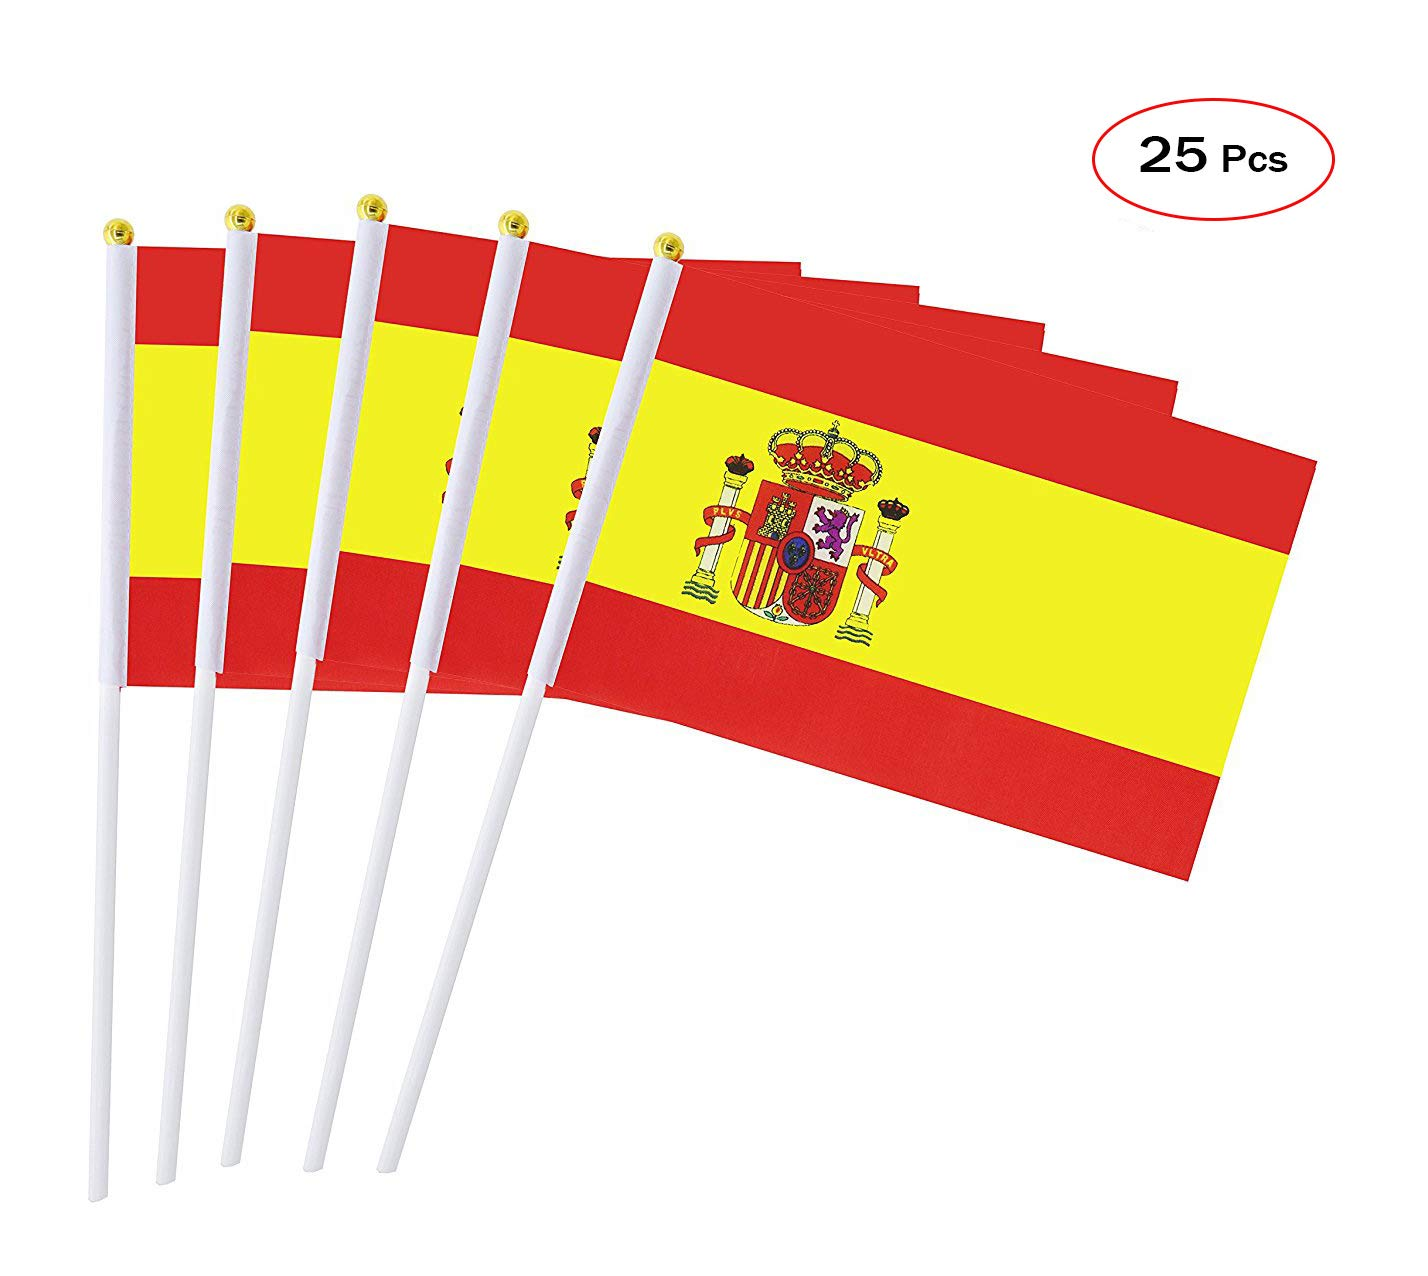 Mattelsen Drapeau de Baton 25 Pcs Hand Held Petit Drapeau 14cm*21cm International Monde Drapeaux pour Fan de Football